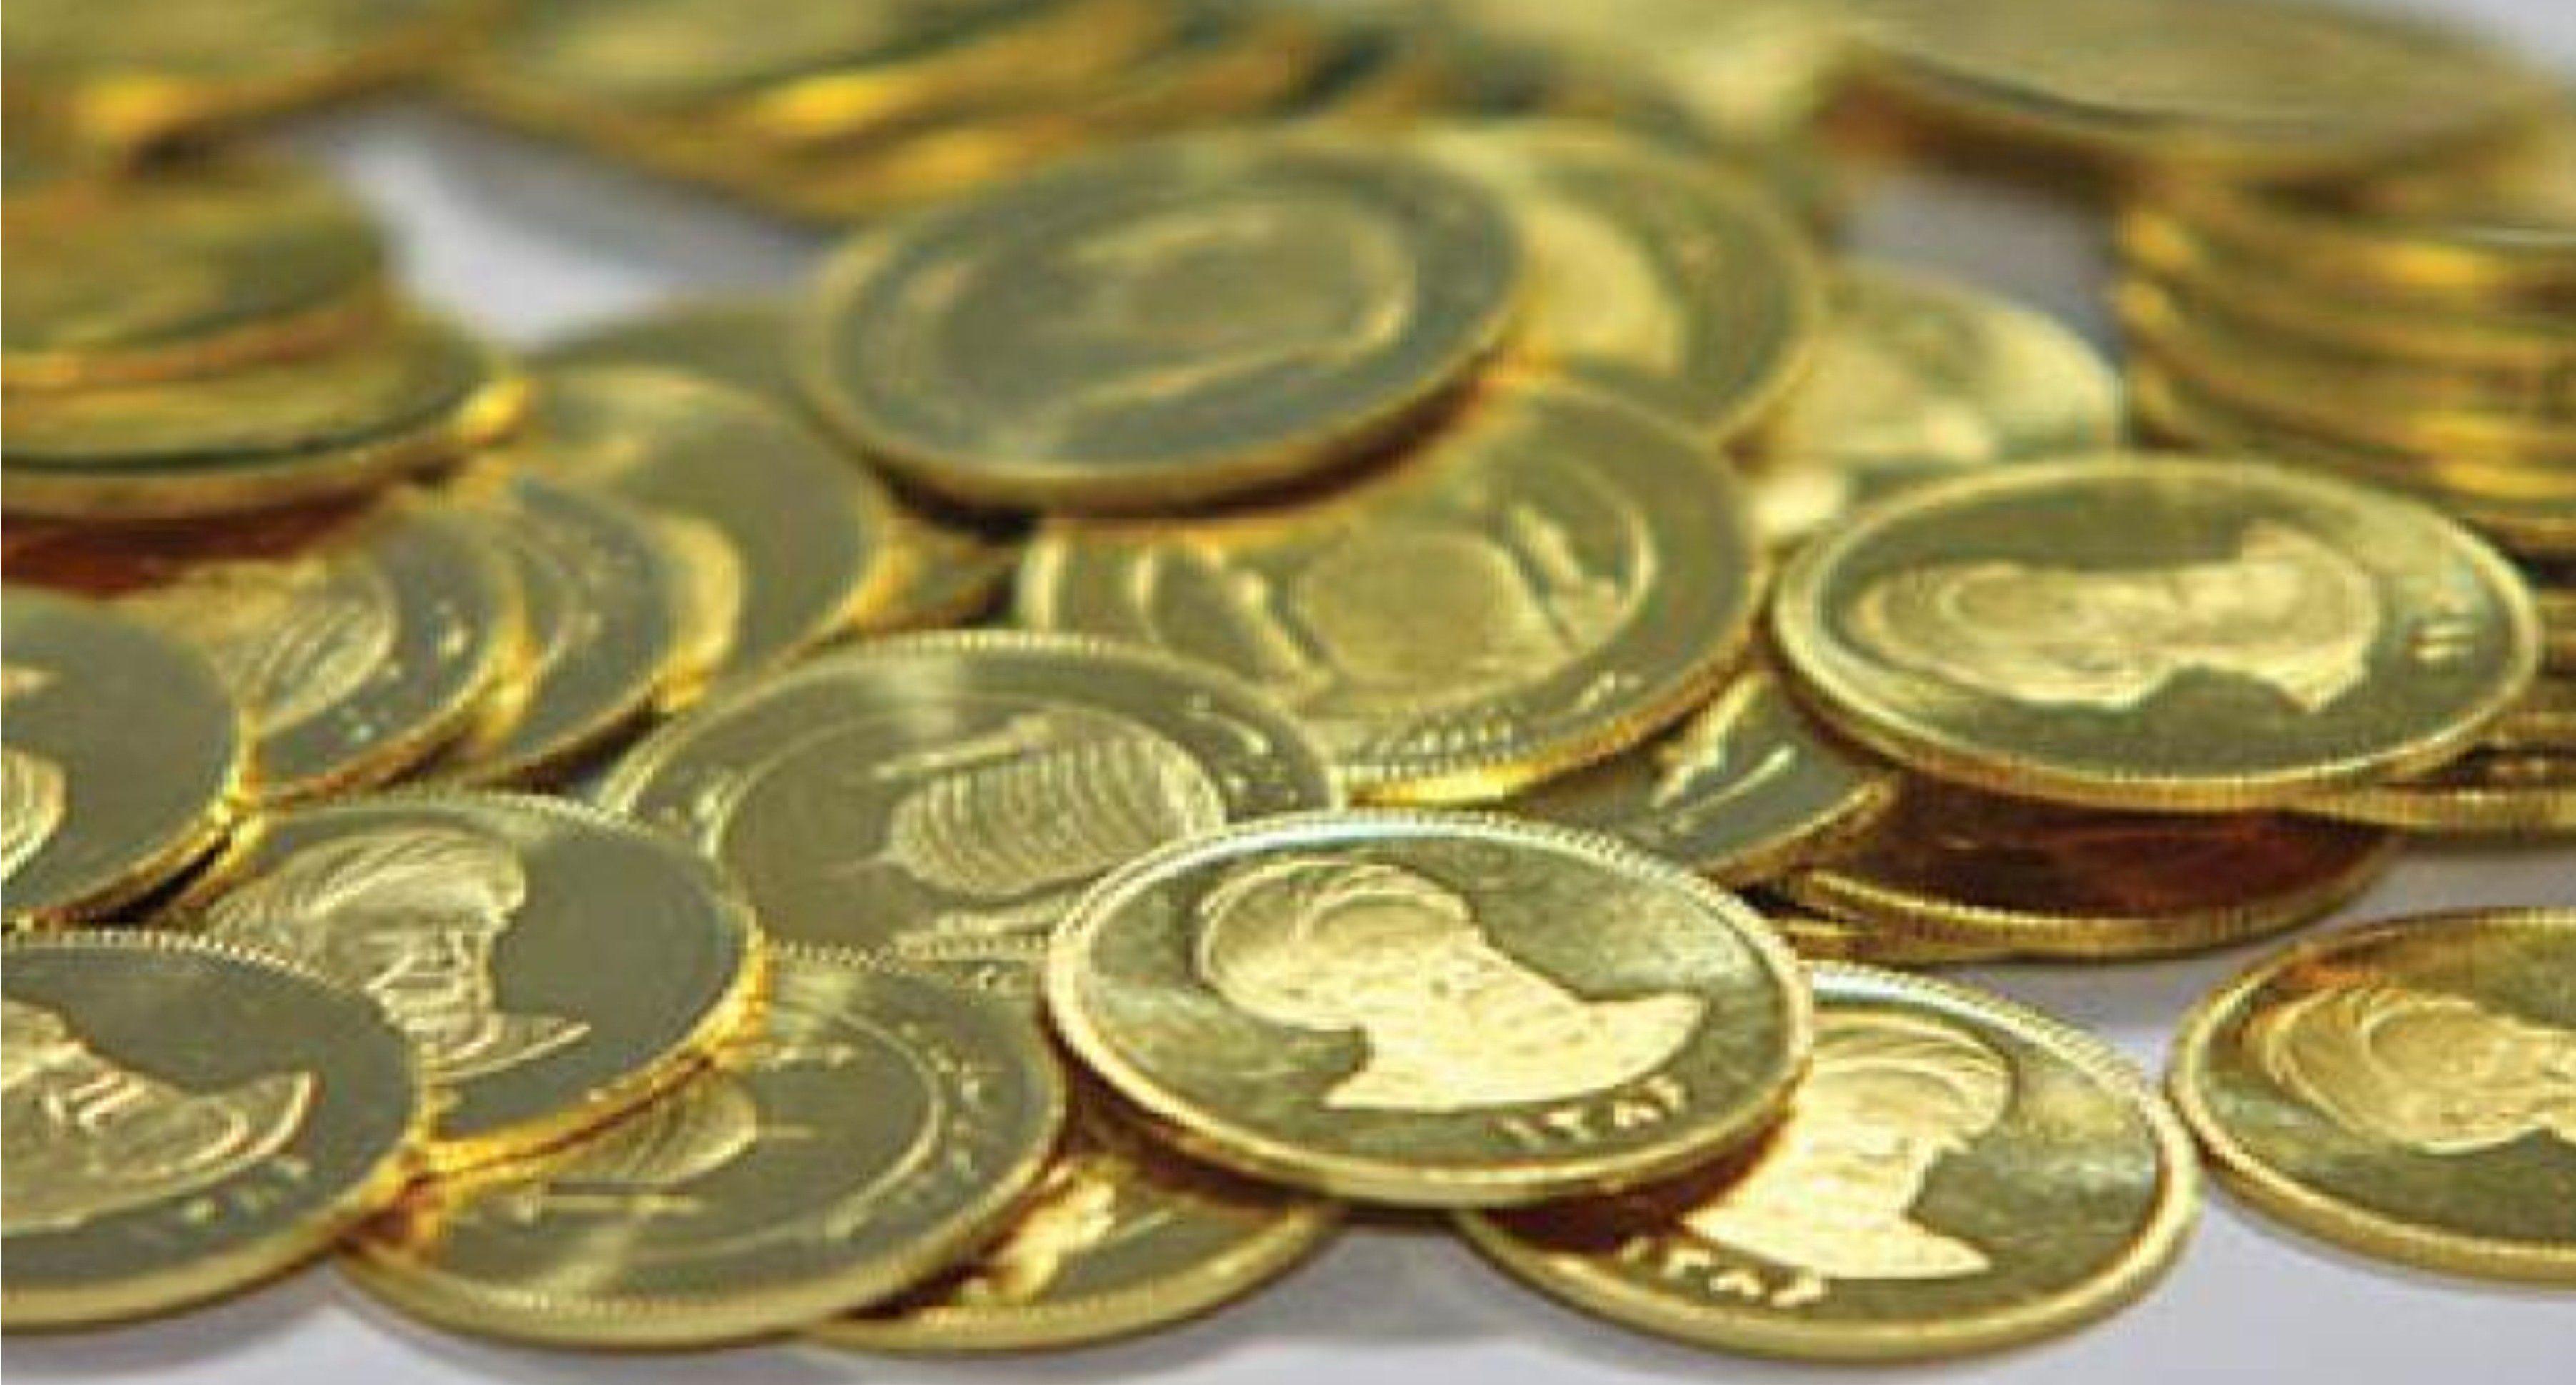 افت و خیز محدود قیمت سکه و طلا / نوسان ۱۰ درصد حباب سکه